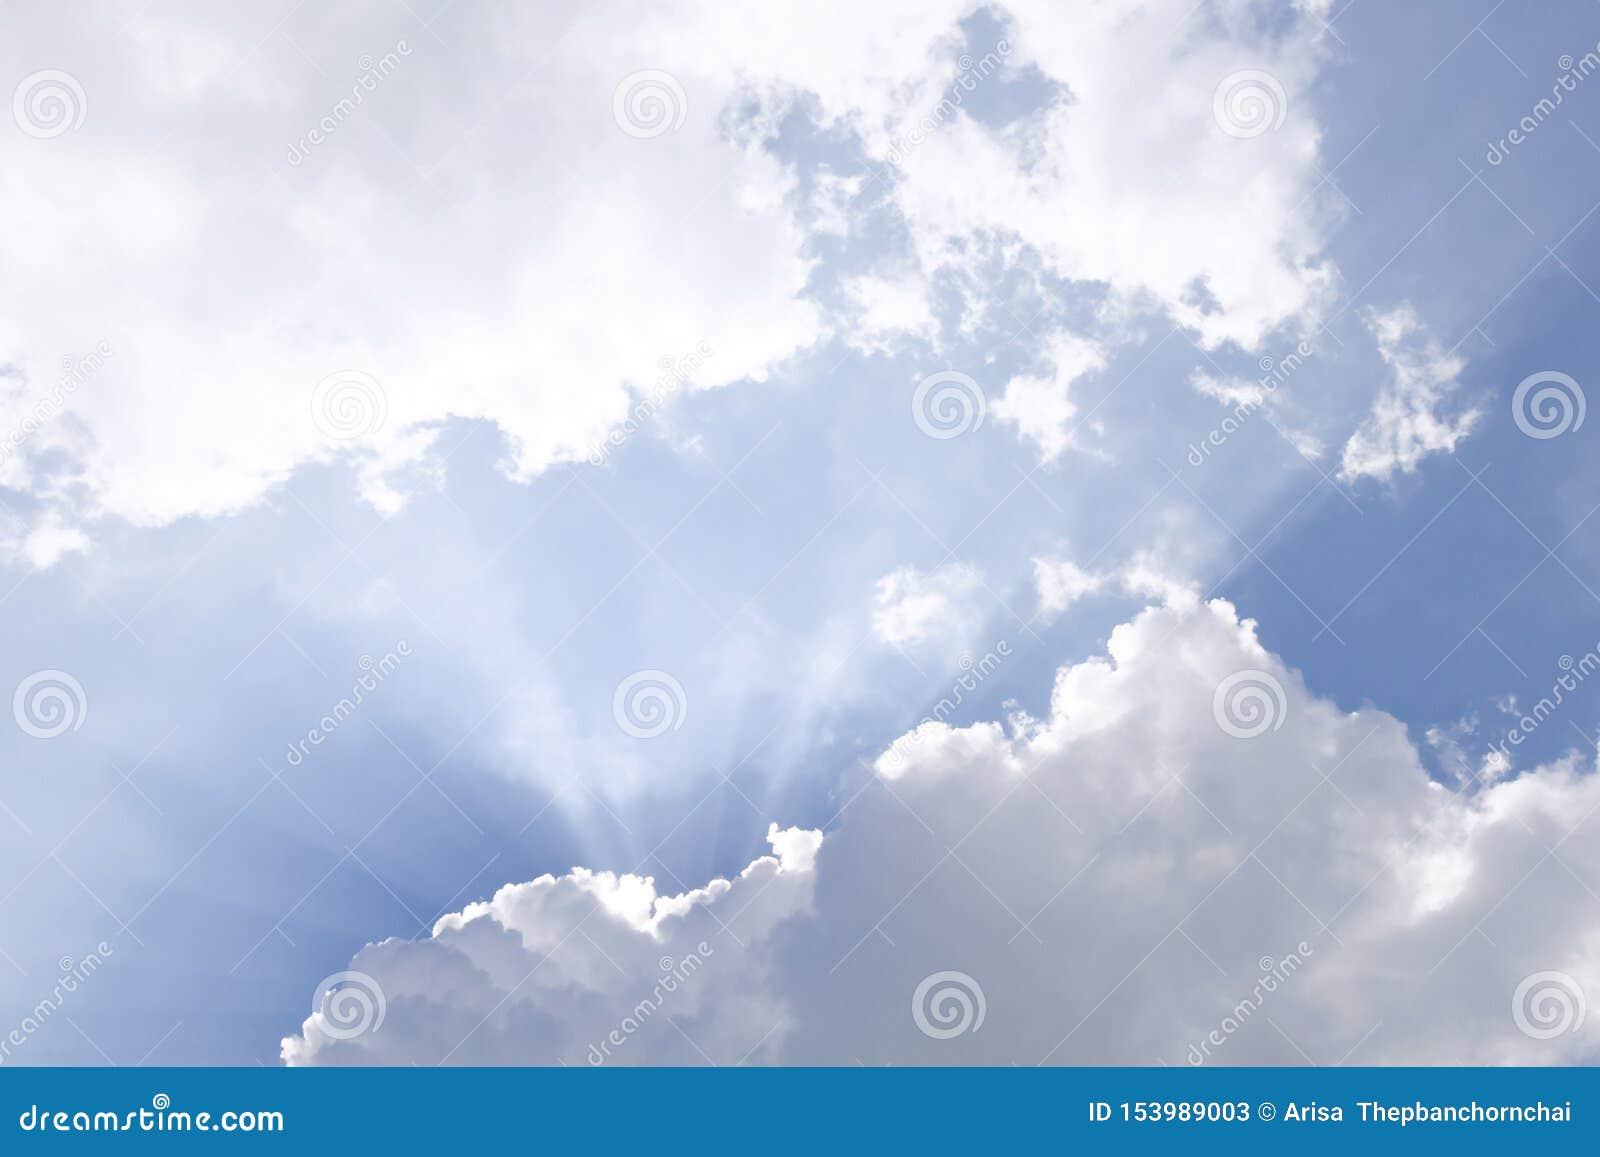 Les nuages et le soleil brille par des rayons de lumi?re dans le ciel pittoresque lumineux